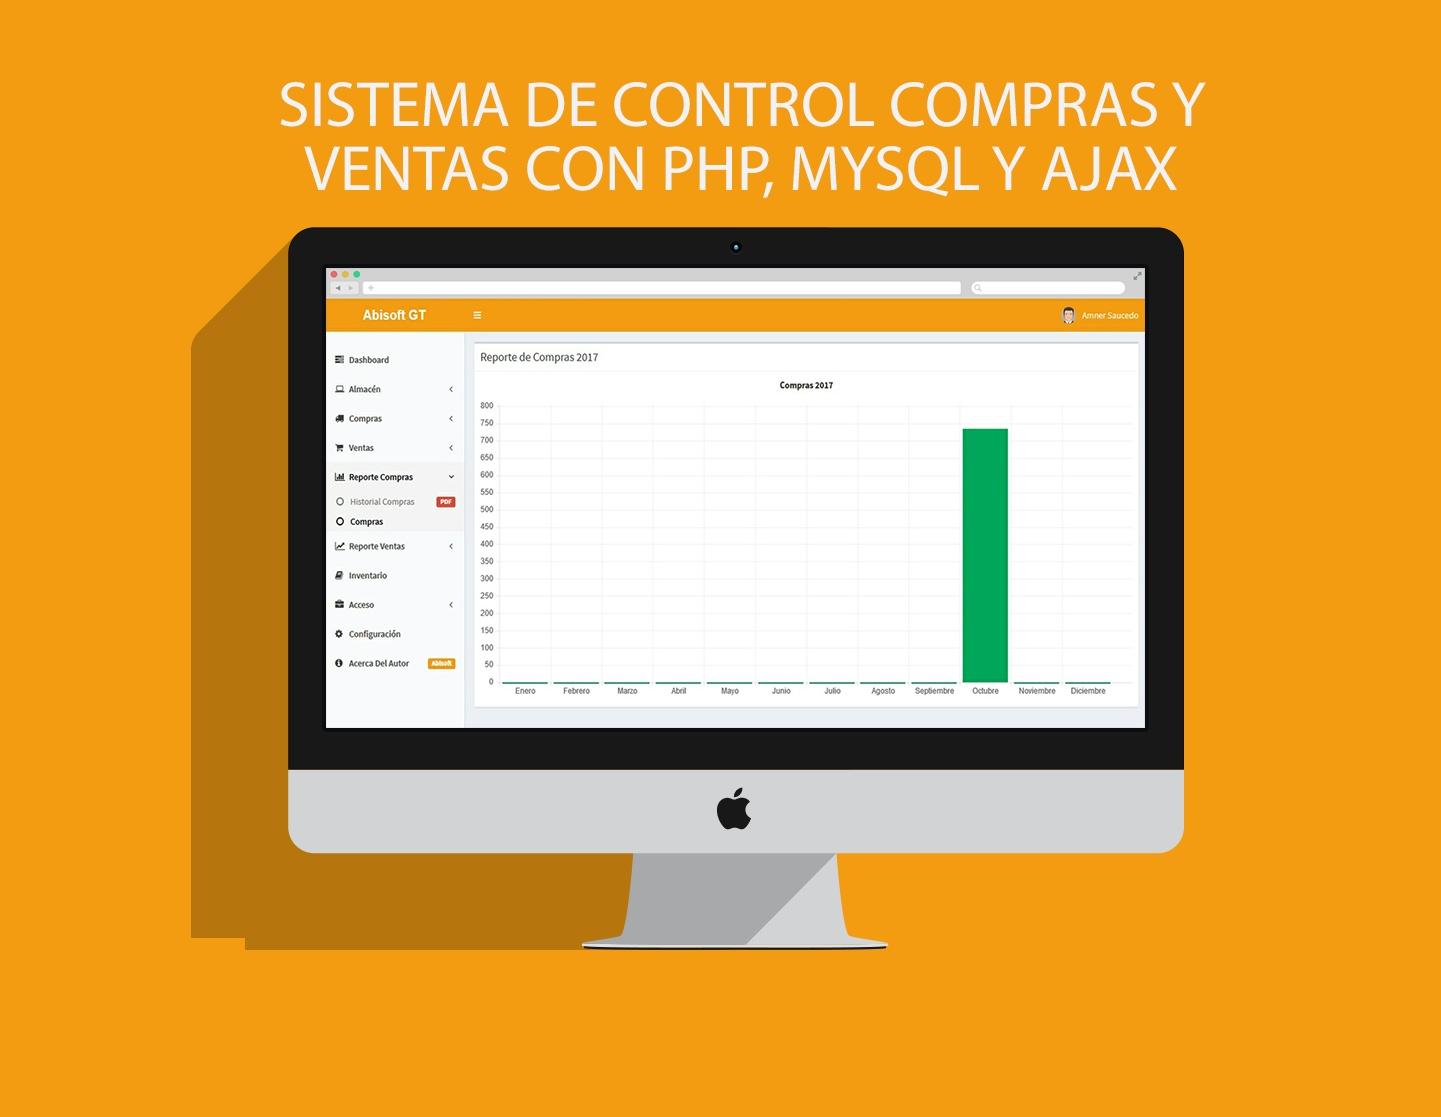 SISTEMA DE CONTROL COMPRAS Y VENTAS CON PHP, MYSQL Y AJAX